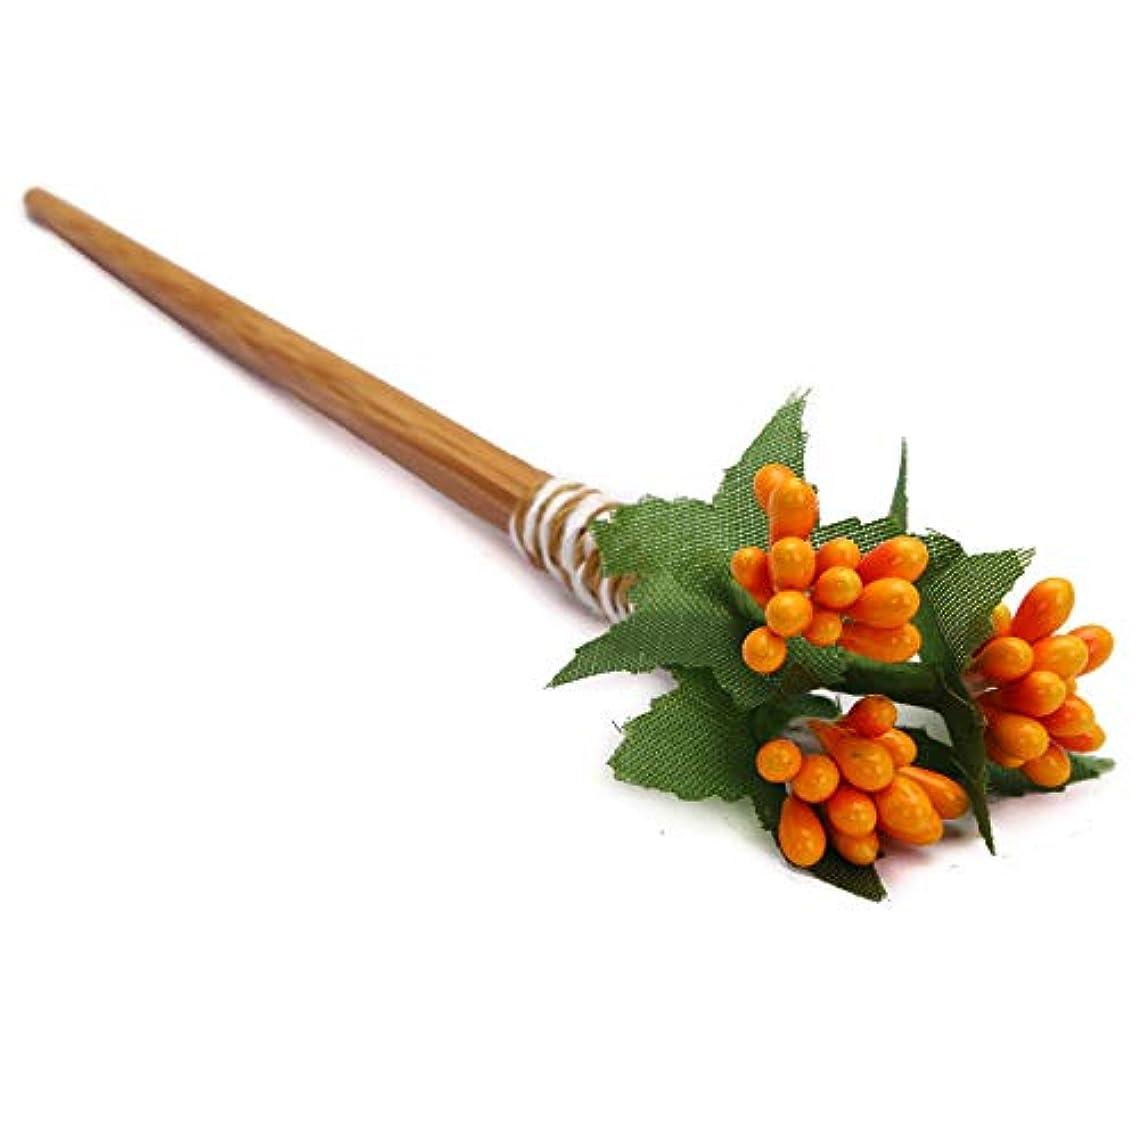 シンプルさ忌まわしい汚染されたHuaQingPiJu-JP クラシックフラワーヘアクリップマニュアルパレス結婚式アクセサリーエレガントなコートヘアクリップギフト(オレンジ)